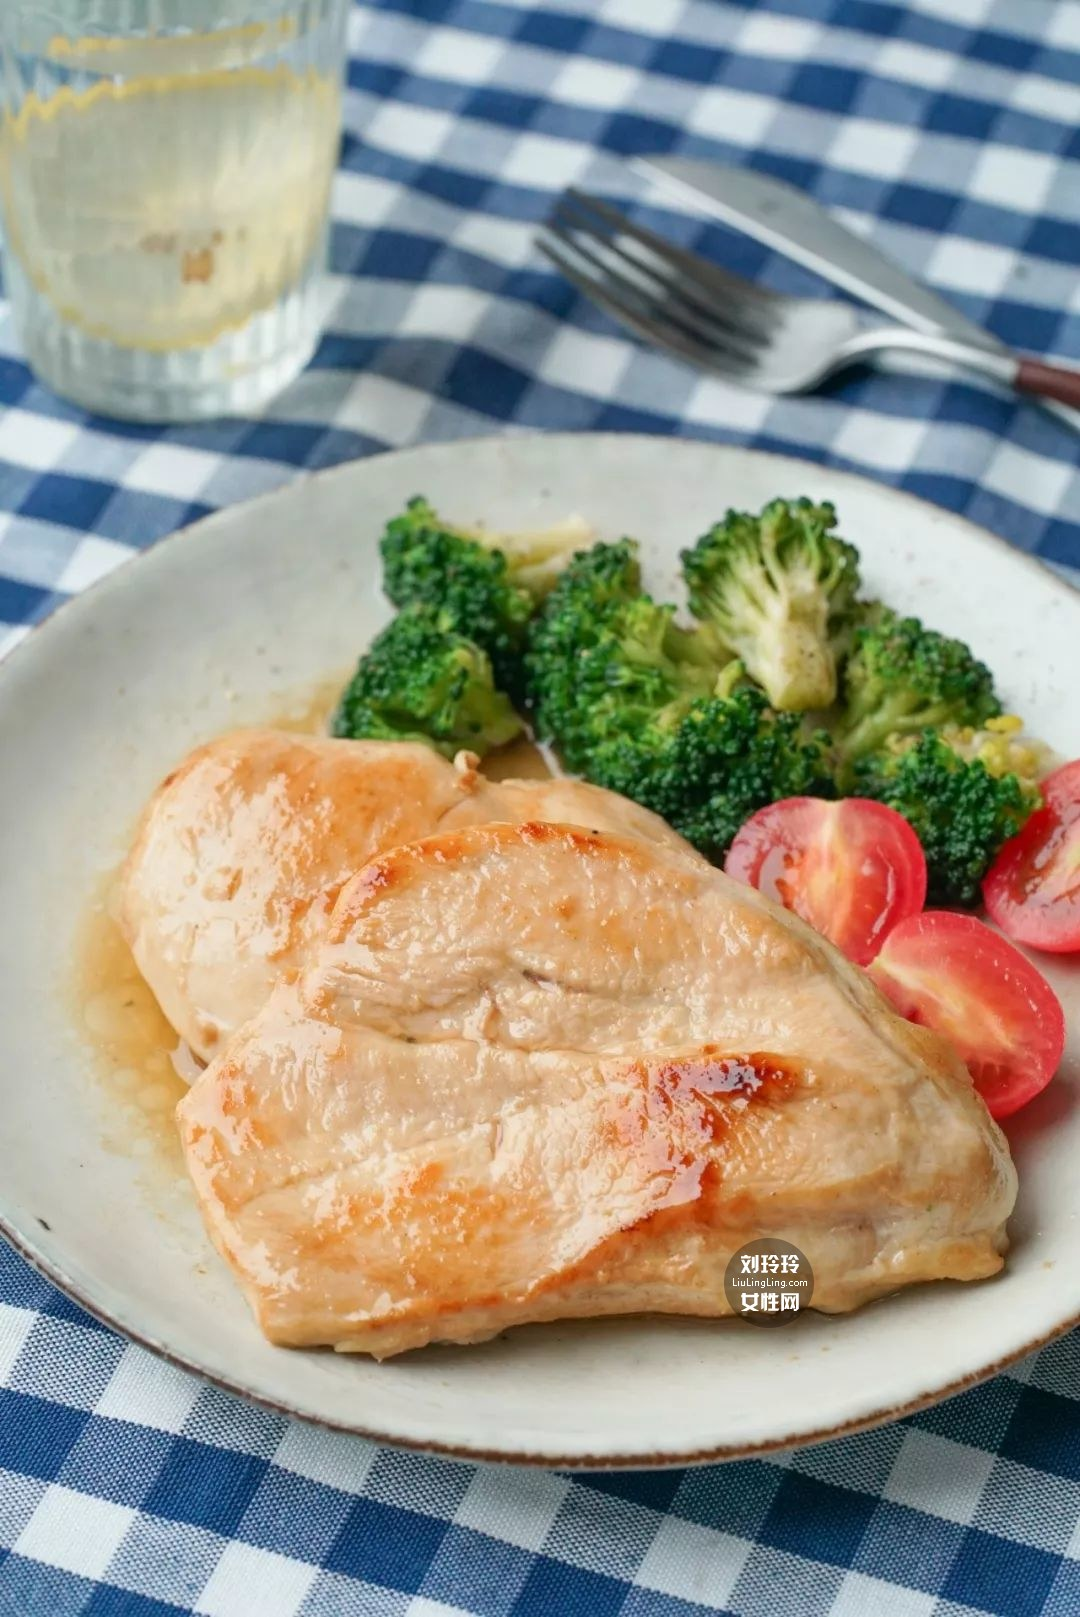 鸡胸肉的家常做法大全 好吃又不发胖4